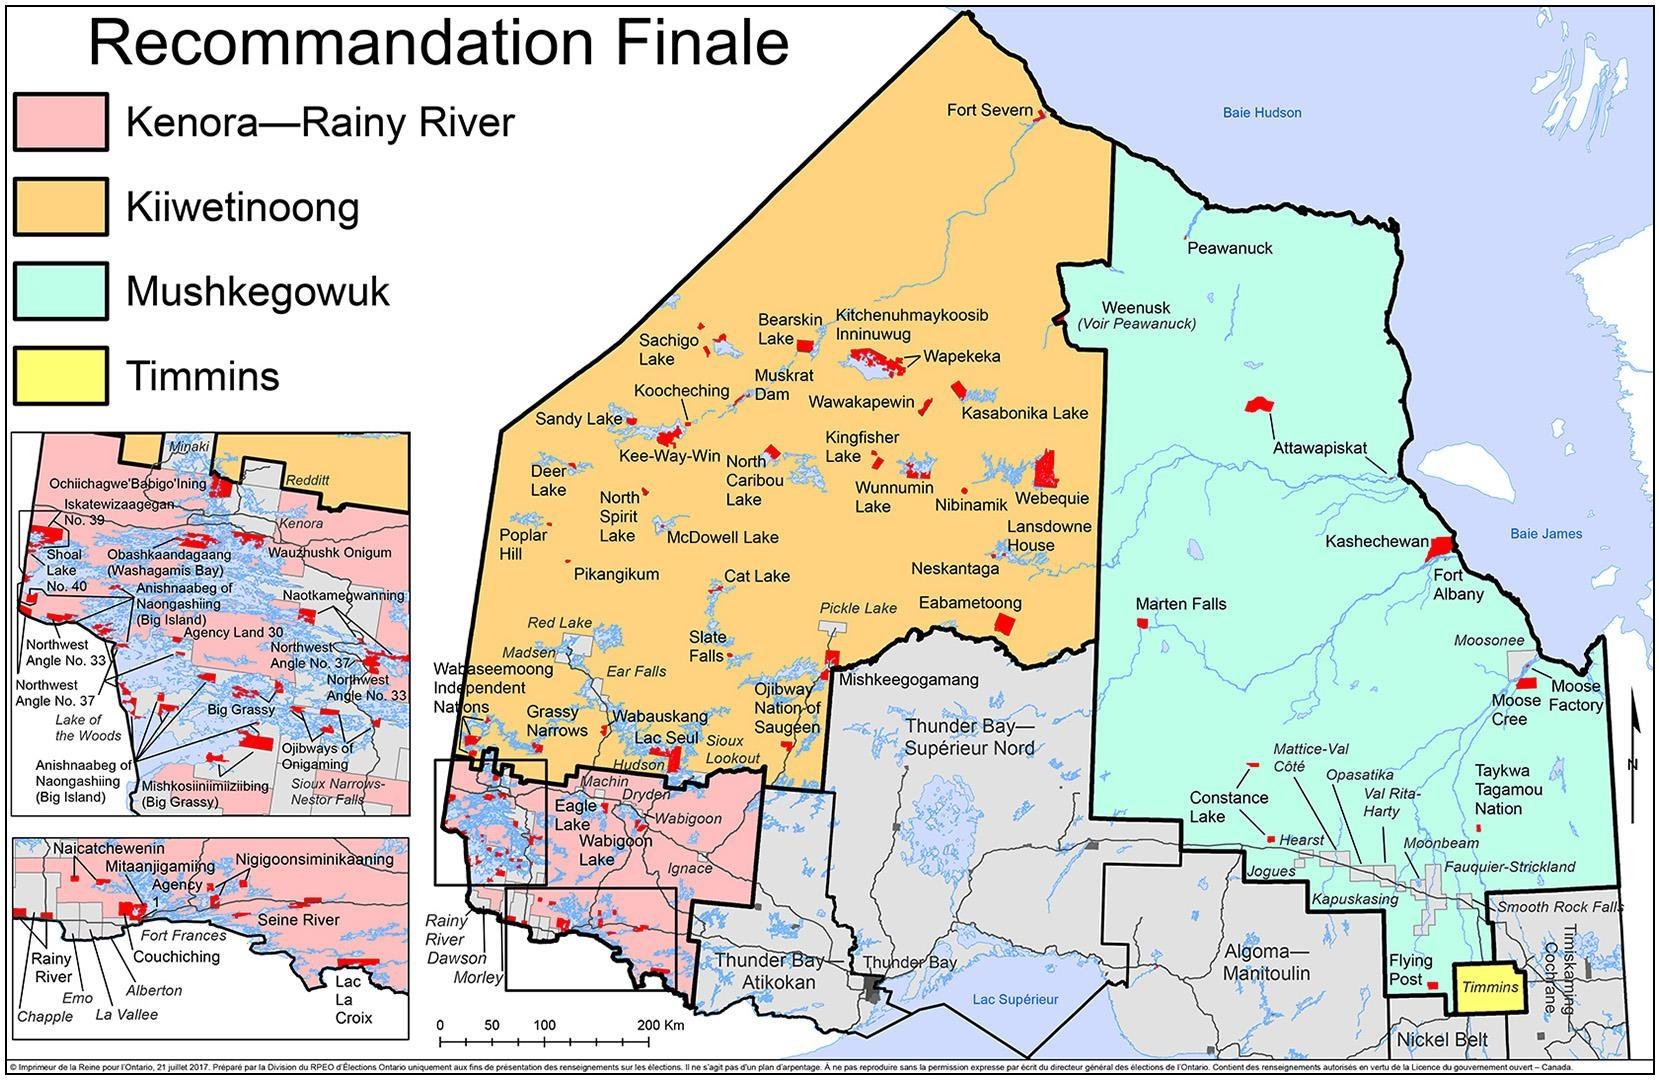 Une carte géographique indique la division des circonscriptions existantes.